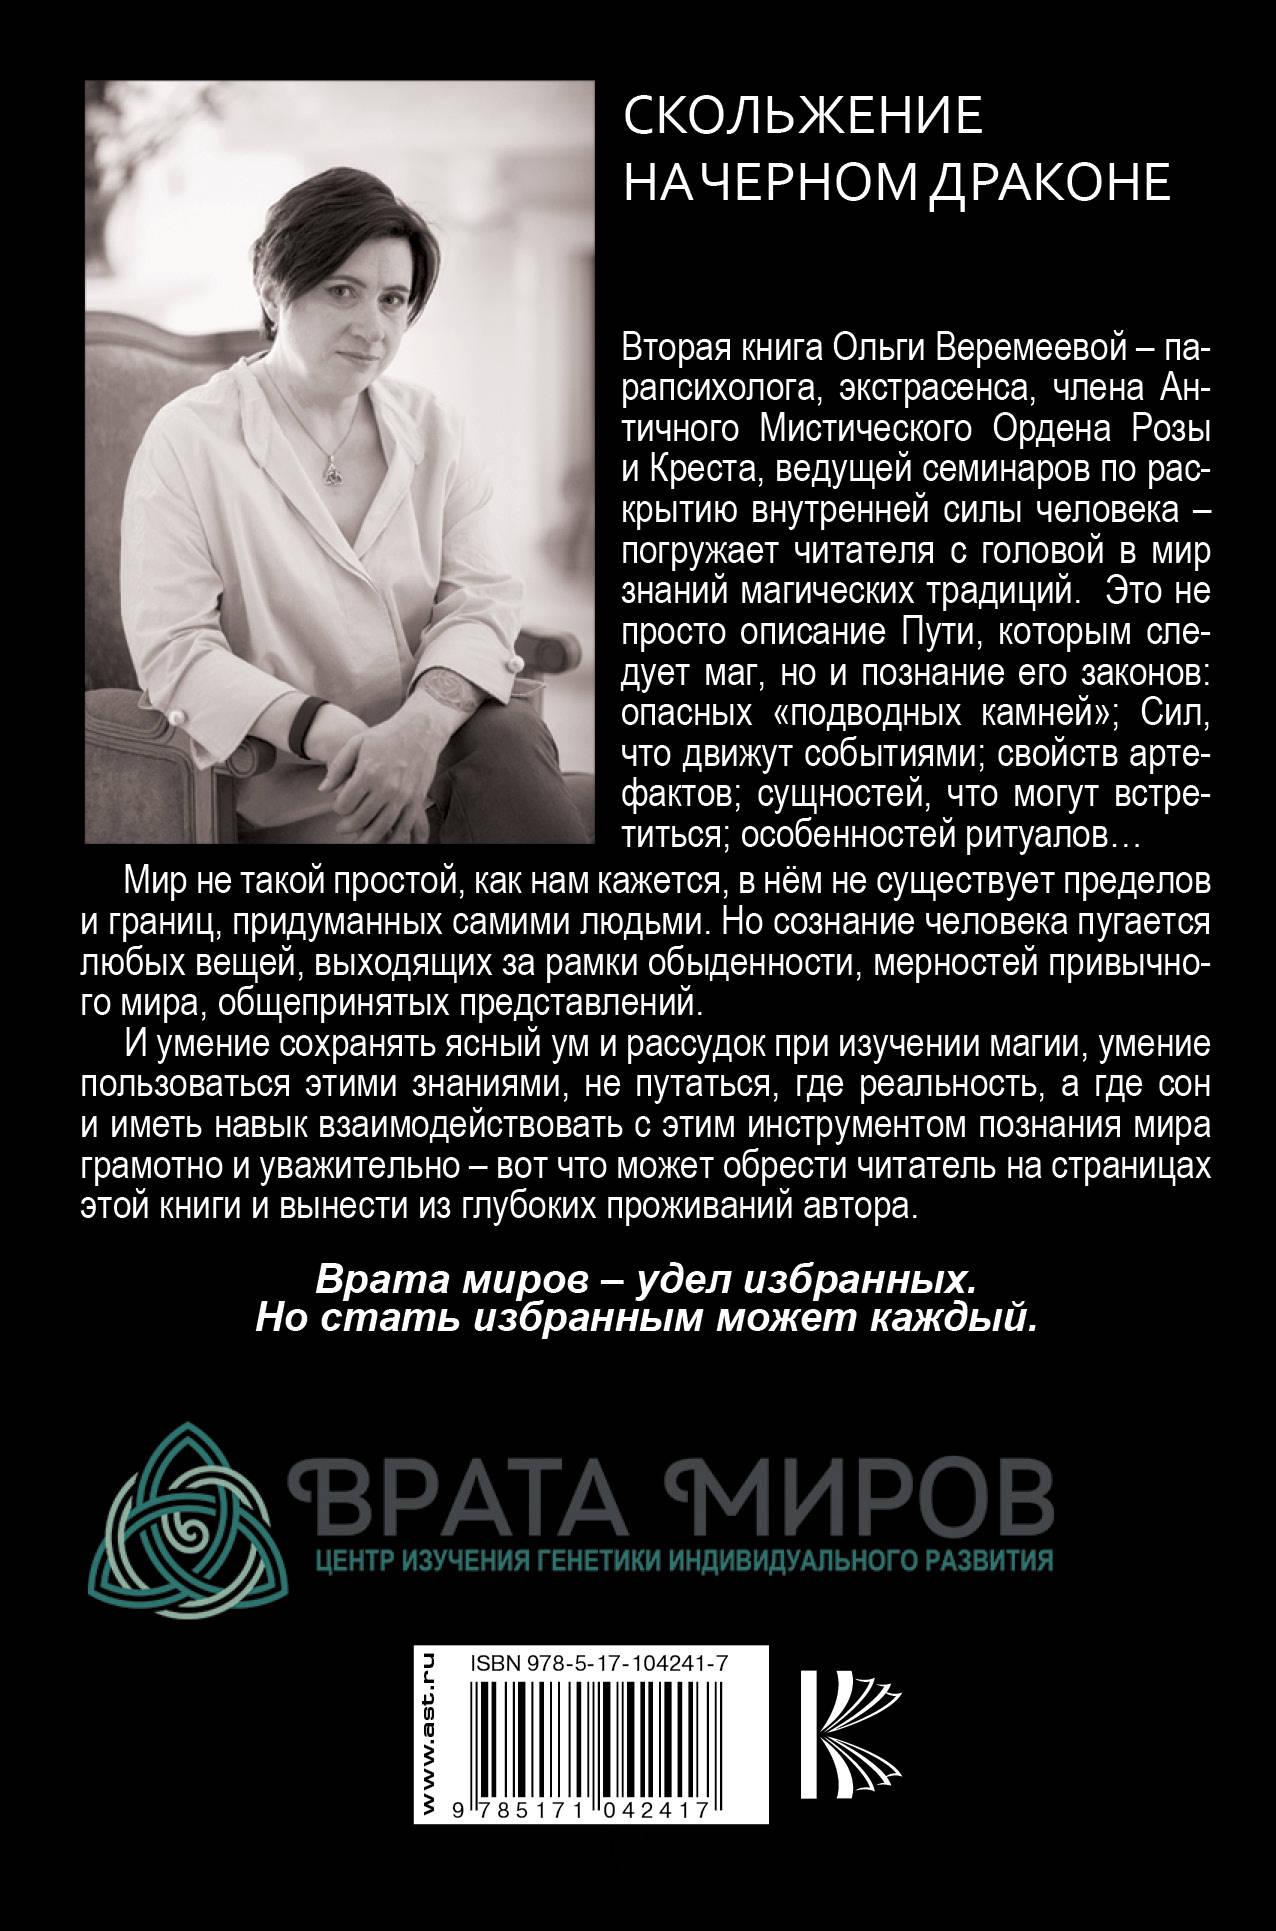 Ольга Веремеева. Врата миров. Скольжение на Черном Драконе